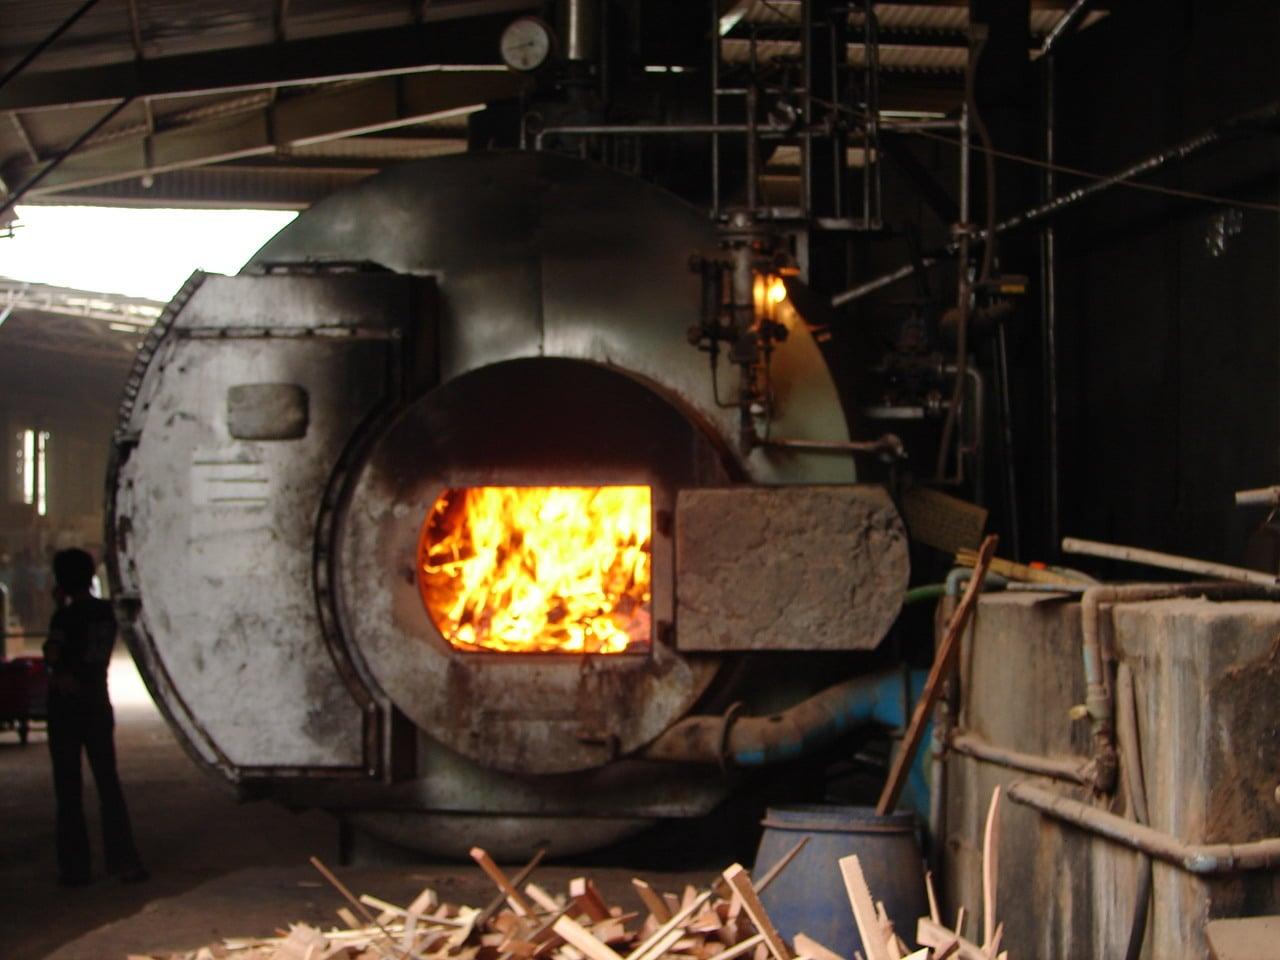 Đốt than công nghiệp bằng công nghệ mới siêu tới hạn